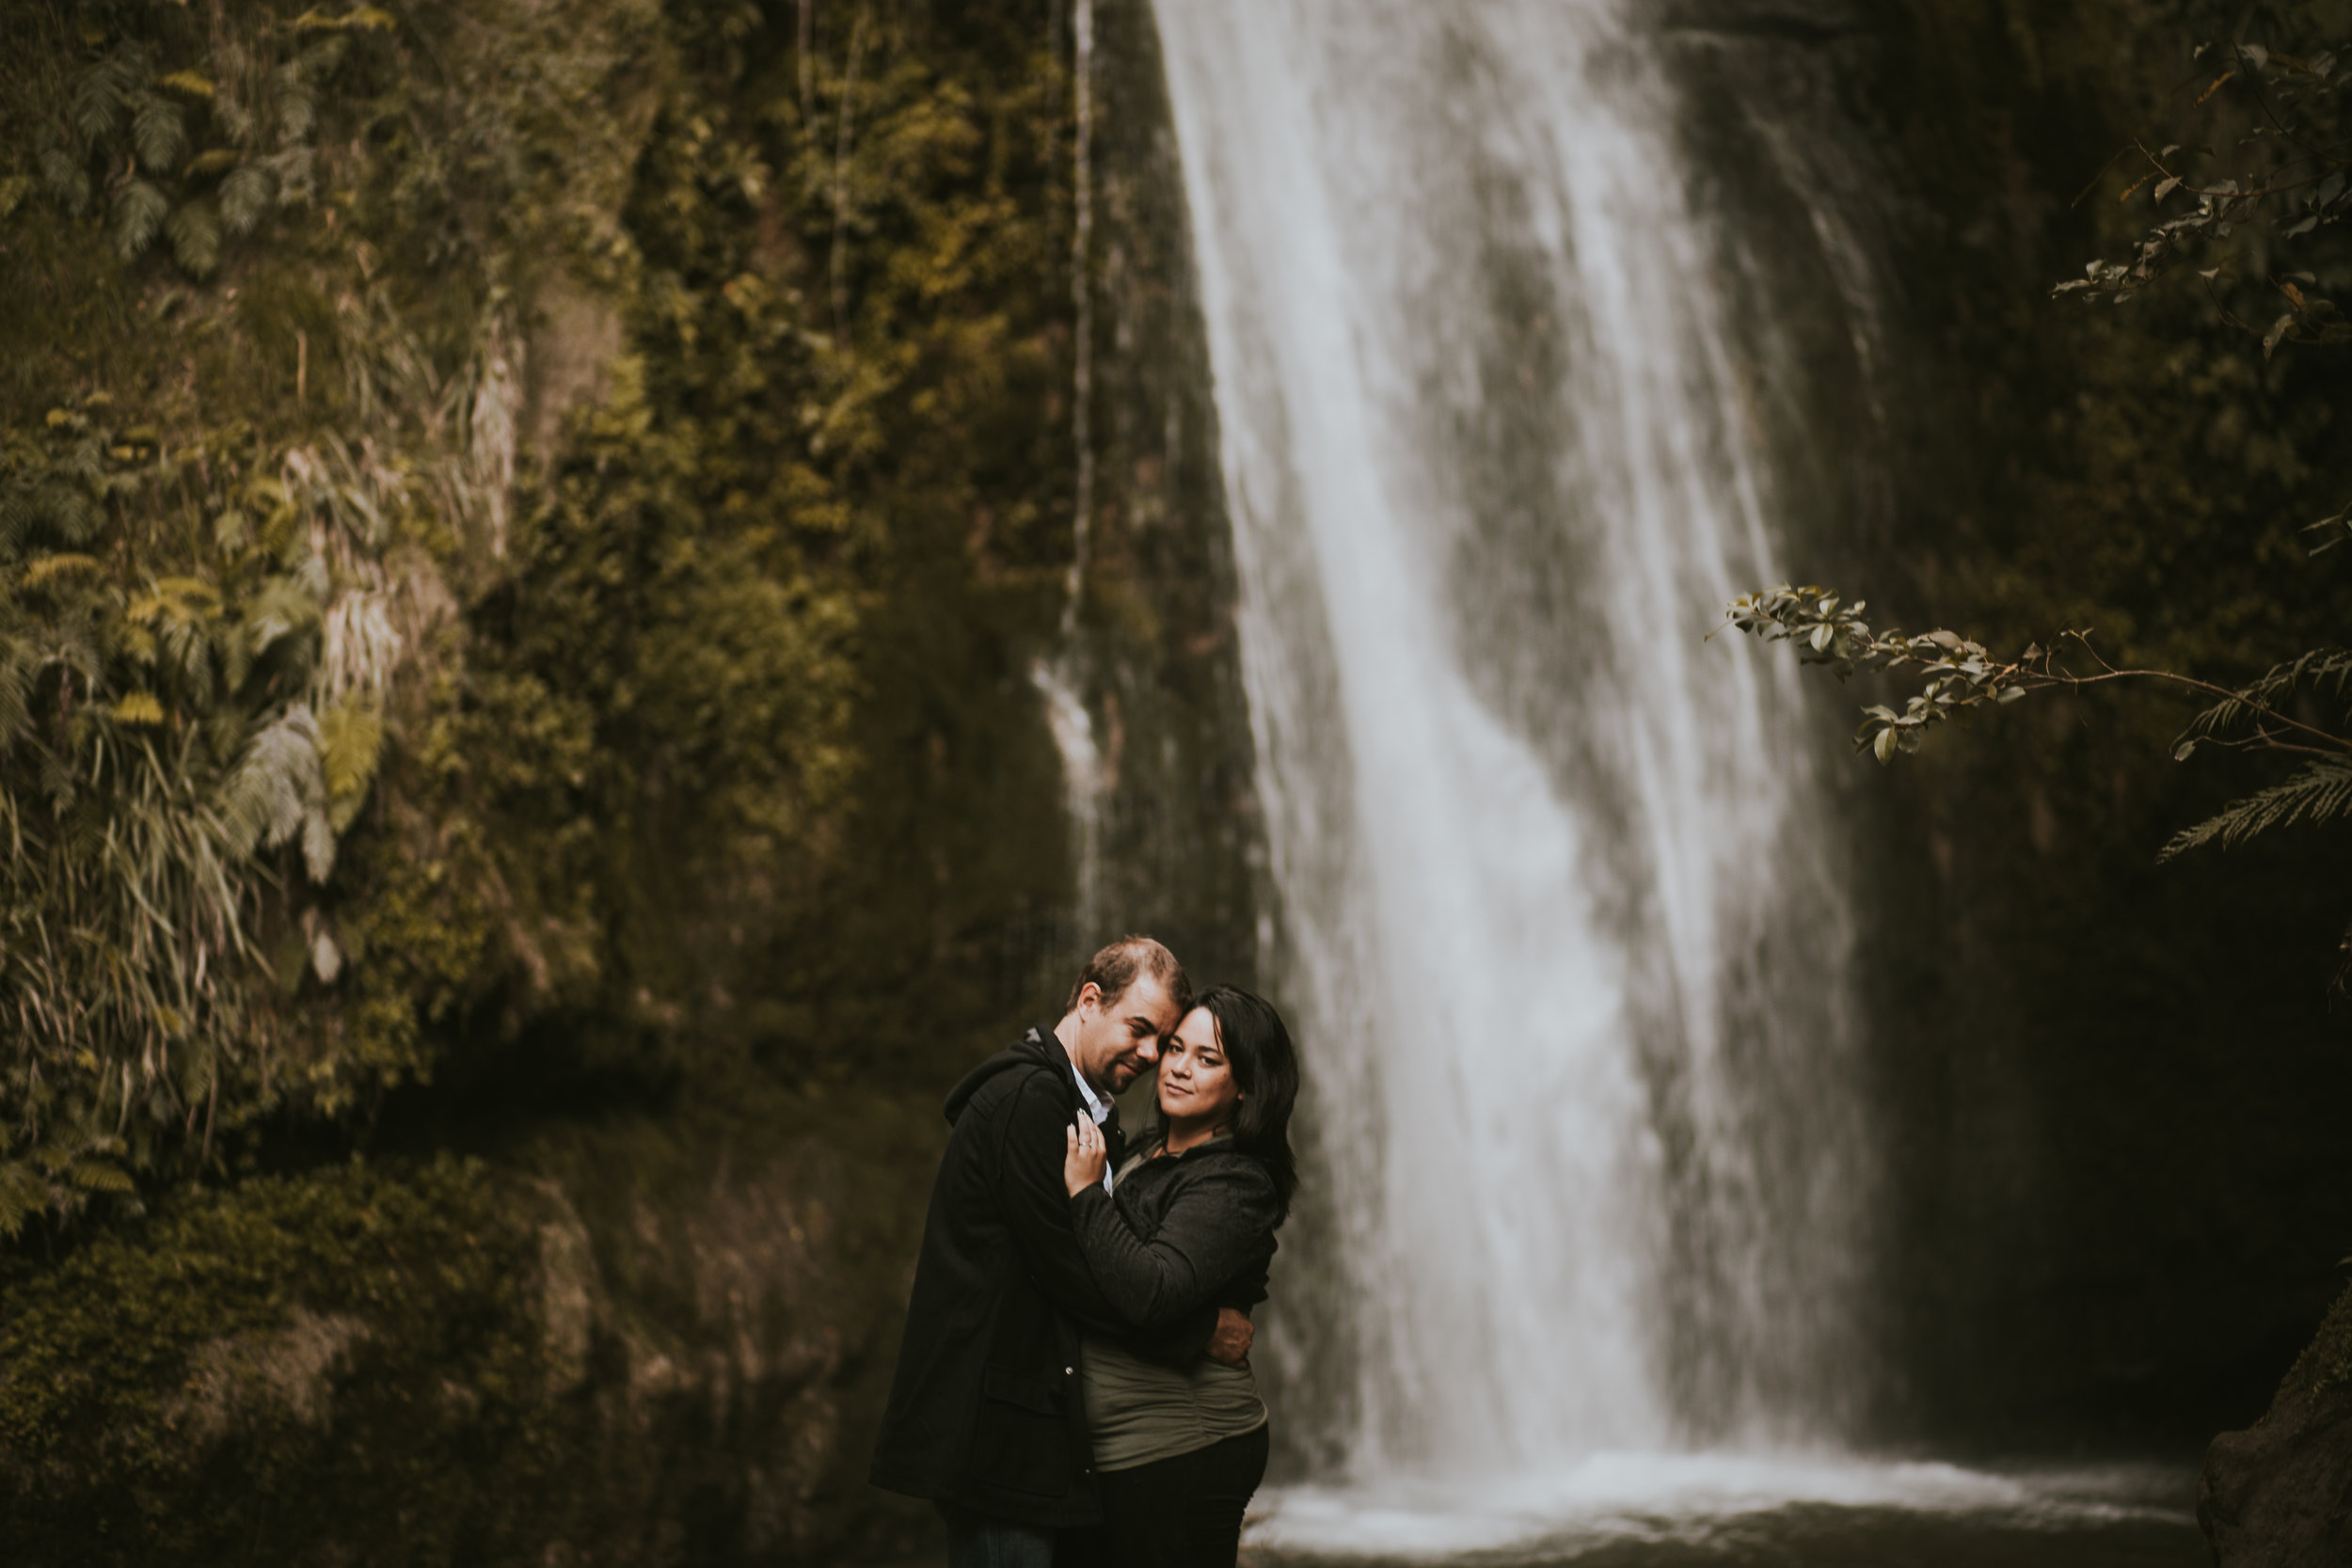 Lisa Fisher Photography - James & Lisa Engagement-30.jpg